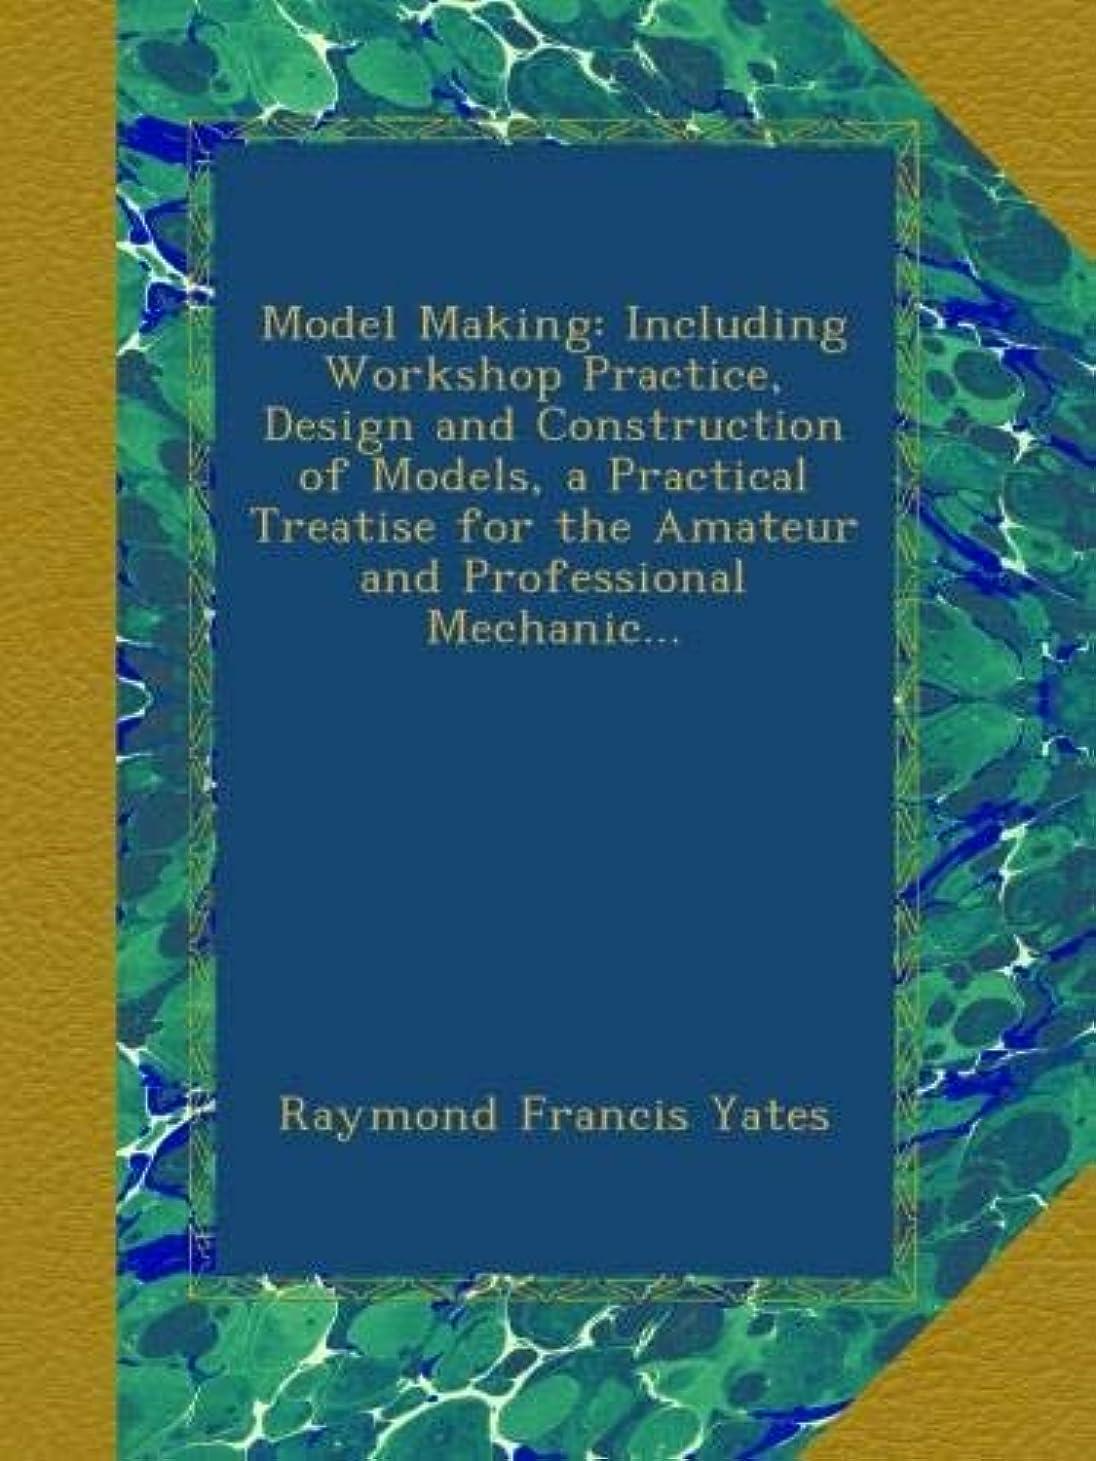 気難しいビルマ雇用者Model Making: Including Workshop Practice, Design and Construction of Models, a Practical Treatise for the Amateur and Professional Mechanic...